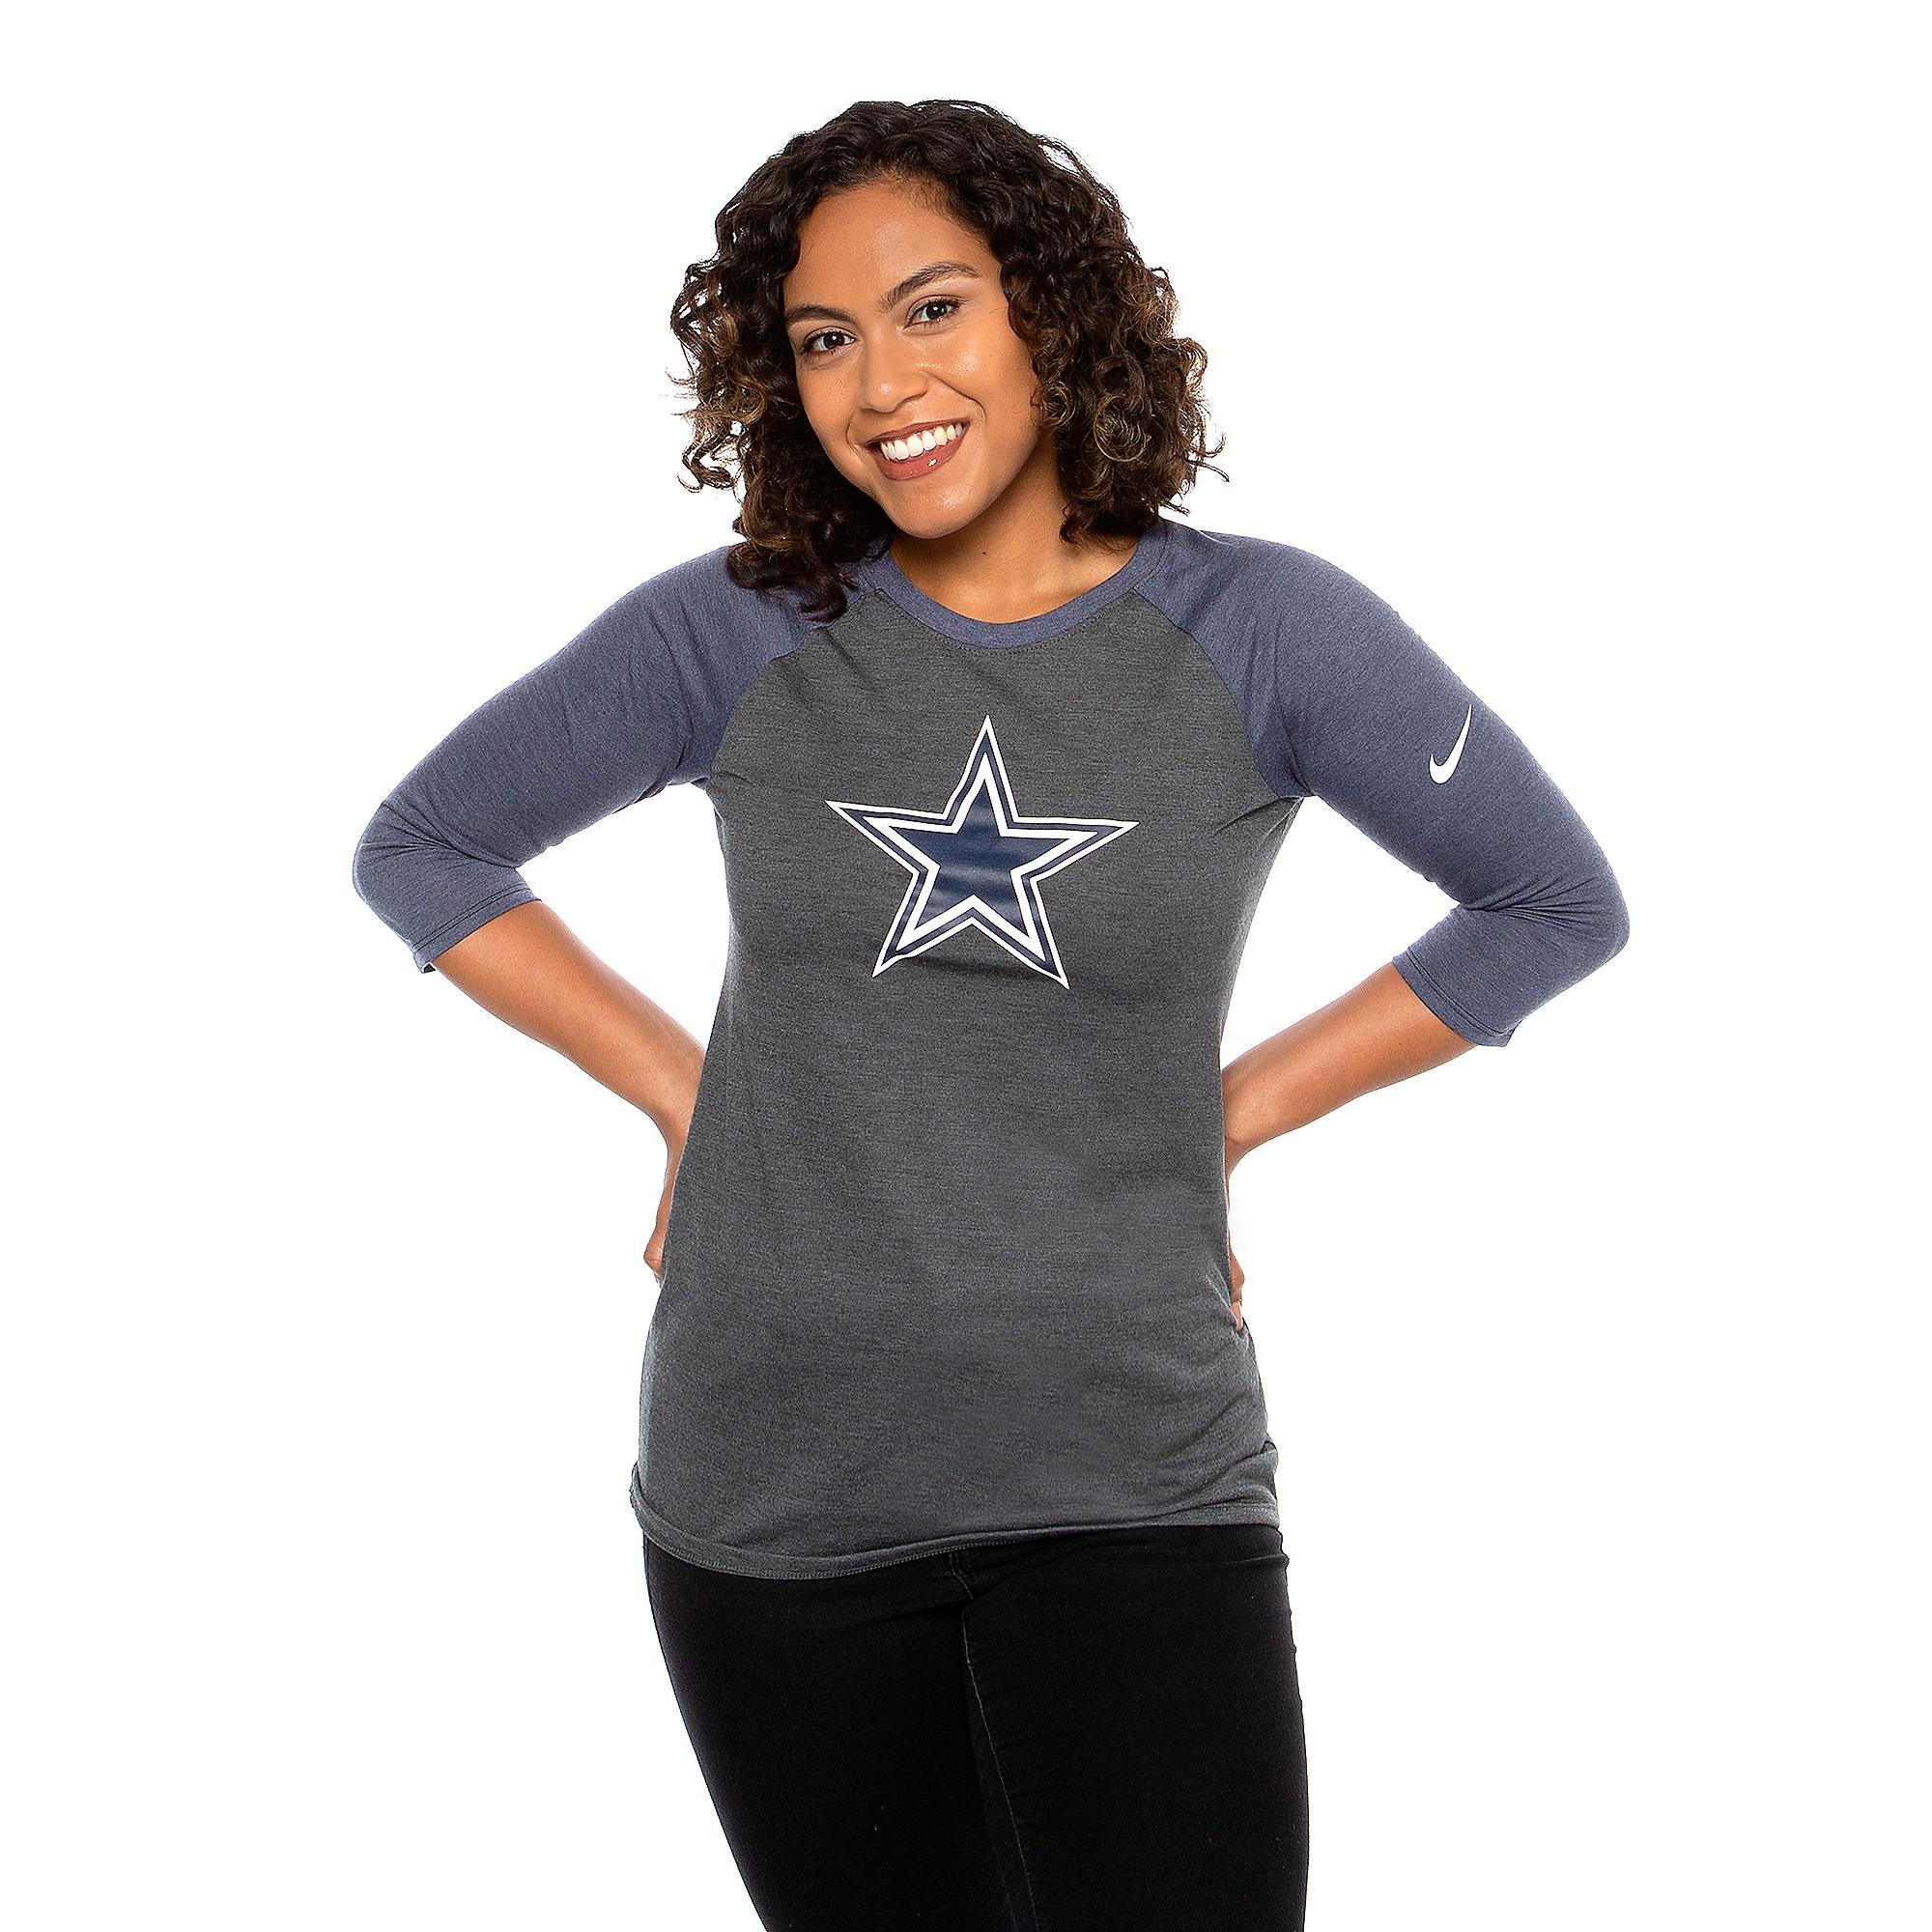 Dallas Cowboys Nike Womens 3/4 Primary Raglan T-Shirt